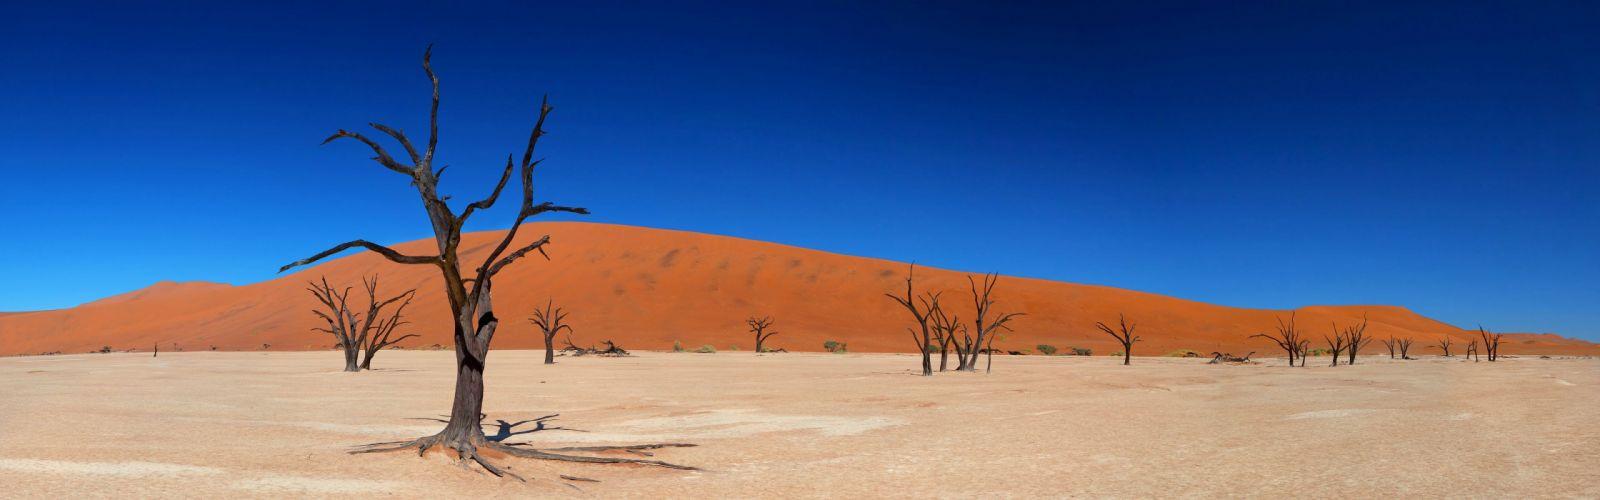 desert shrubs wallpaper